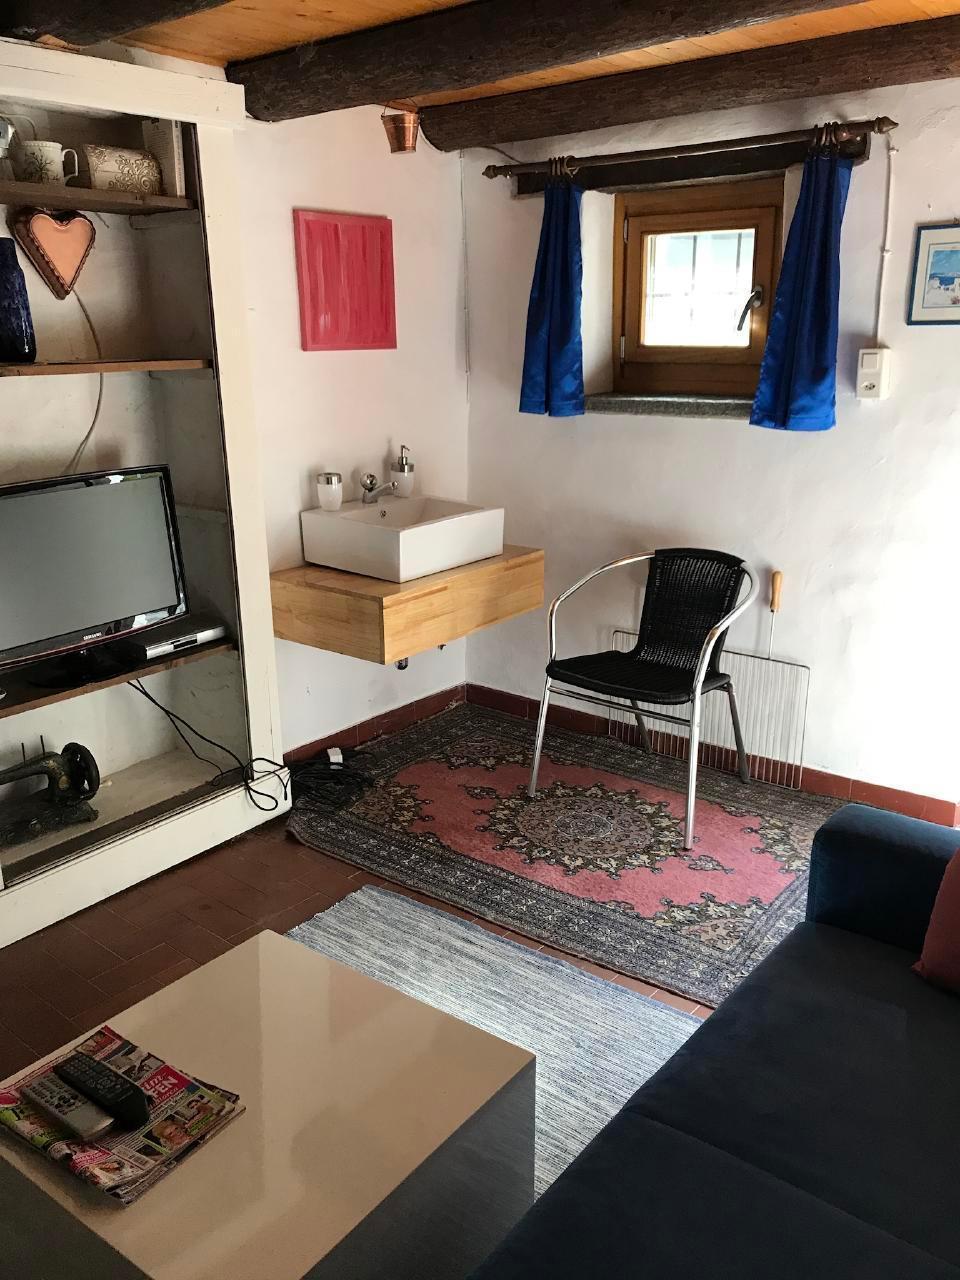 Ferienhaus Rustico Casa Valeria (2390790), Brontallo, Maggiatal, Tessin, Schweiz, Bild 15